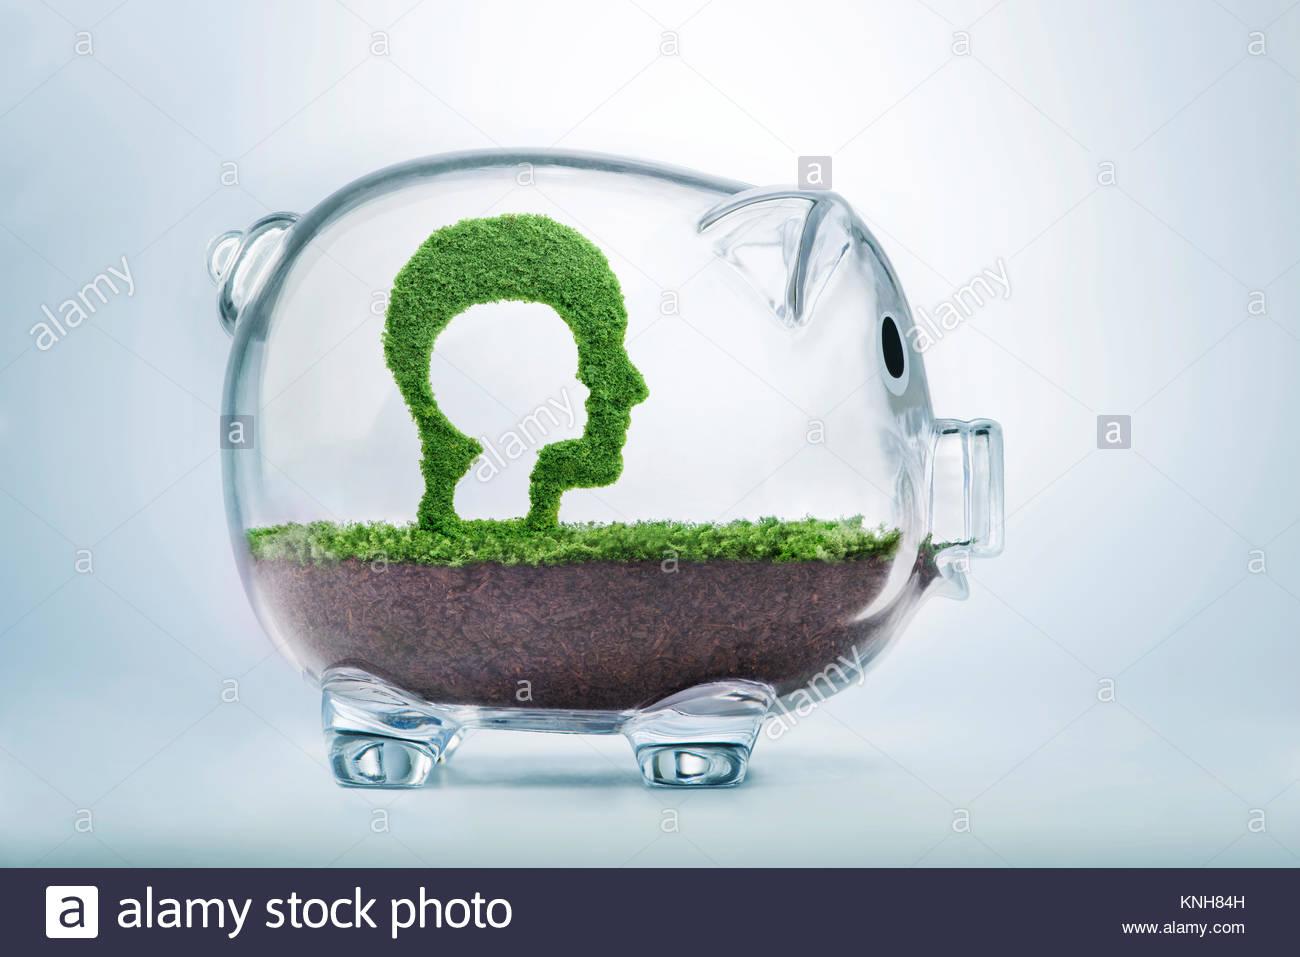 Sorgfalt, Engagement und Investitionen sind während der Kindheit. Gras wächst in der Form eines Ausschneiden Stockbild